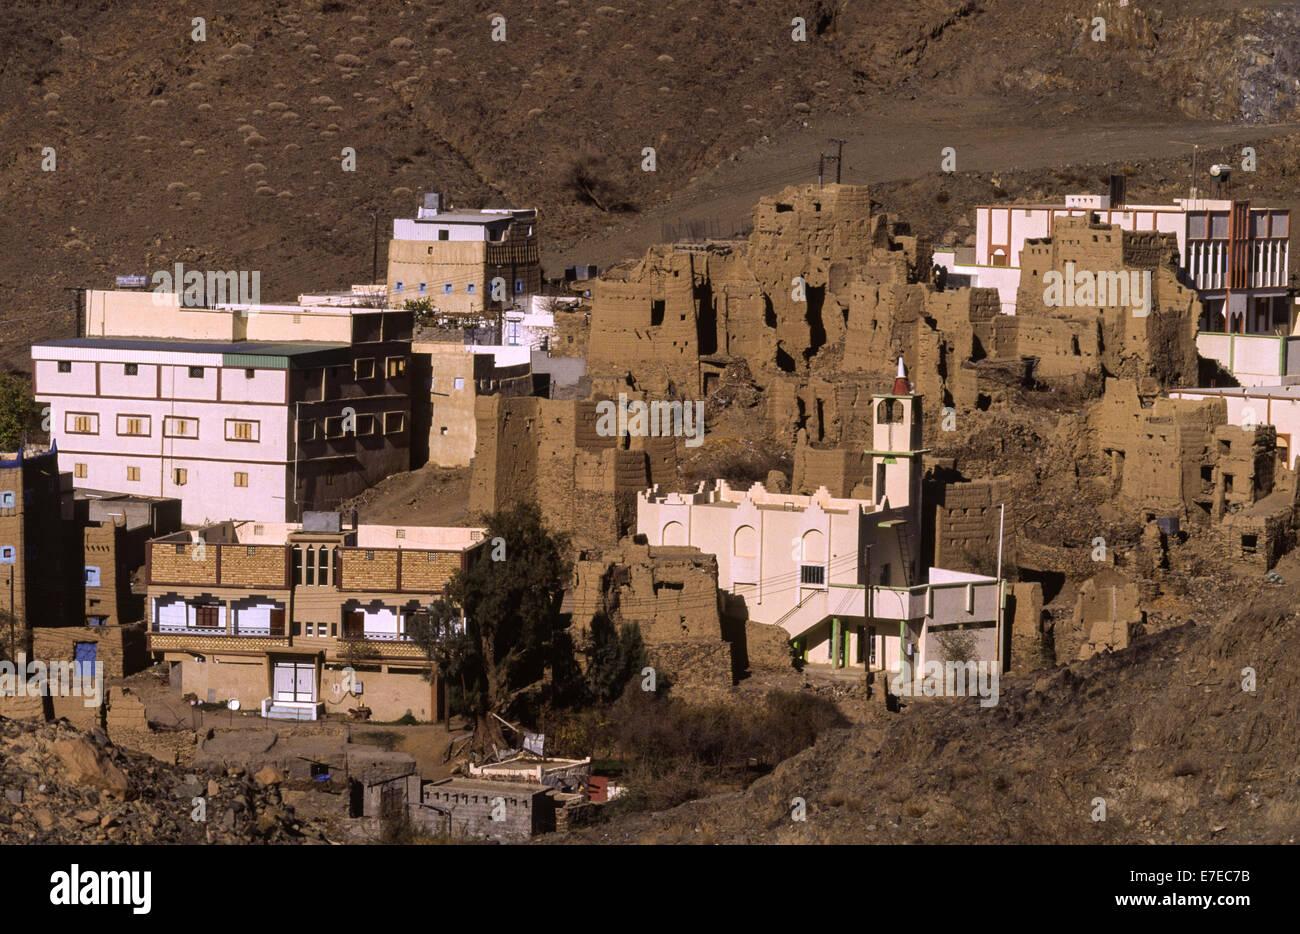 Casas de paredes de barro ENTRE LOS NUEVOS ASIR EN ARABIA SAUDITA Imagen De Stock